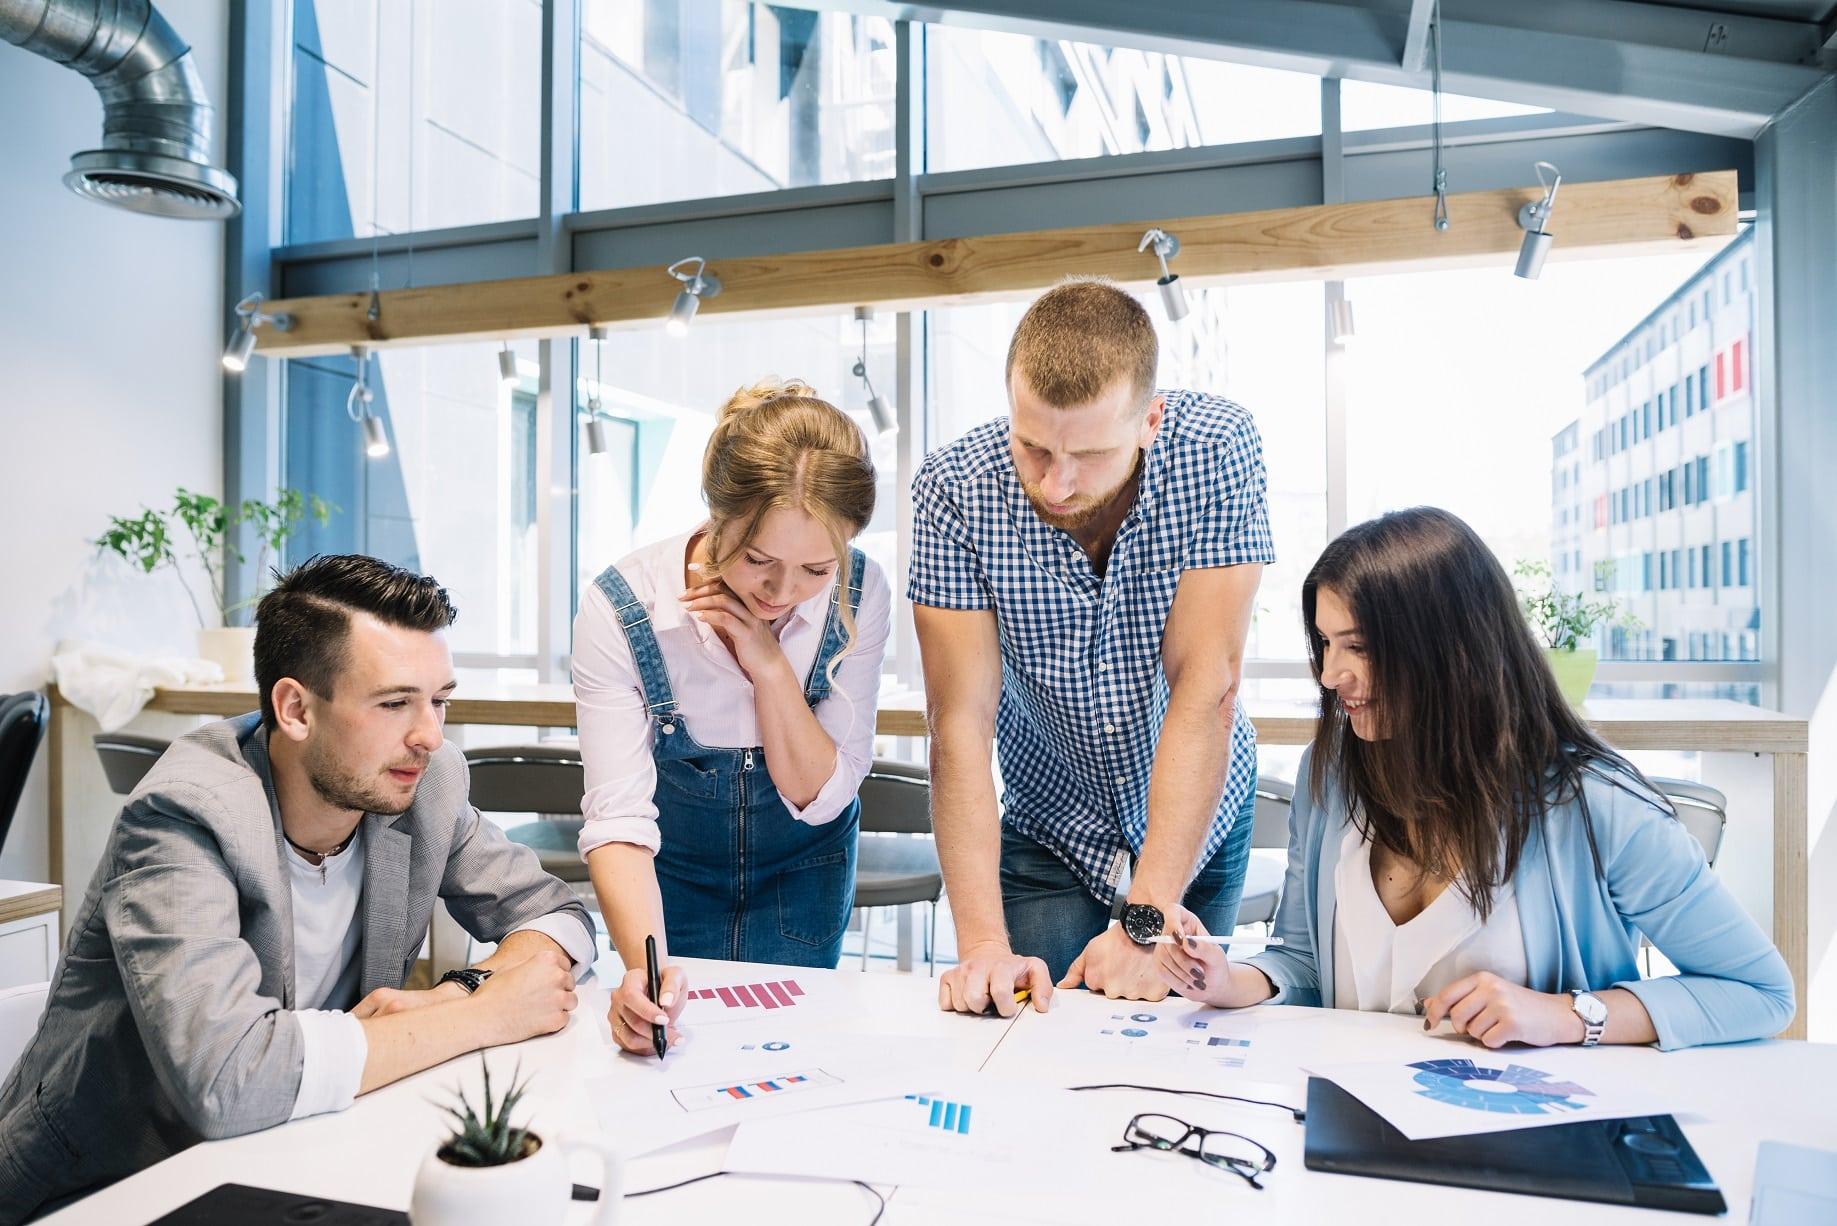 Ciiaction Digital Marketing Team